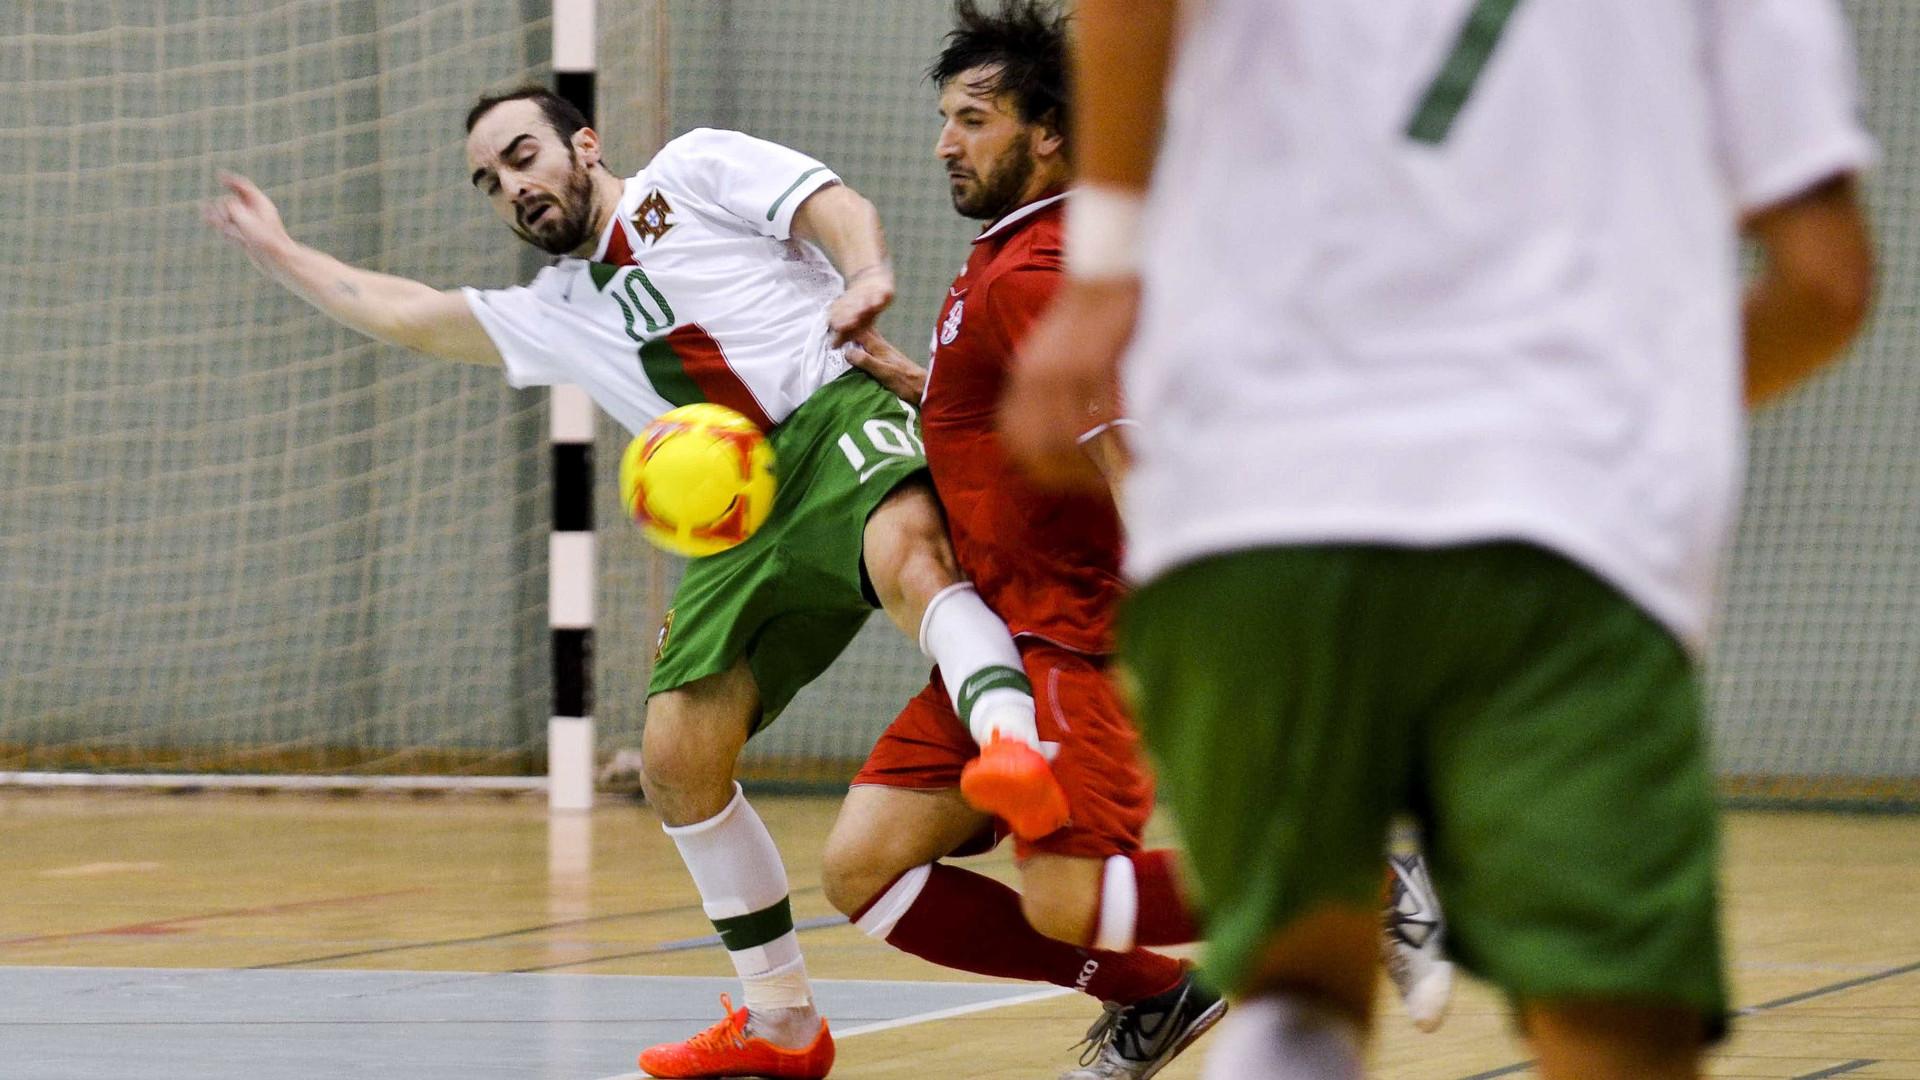 cd3cd512a1 Ricardinho eleito o terceiro melhor do Mundial de futsal